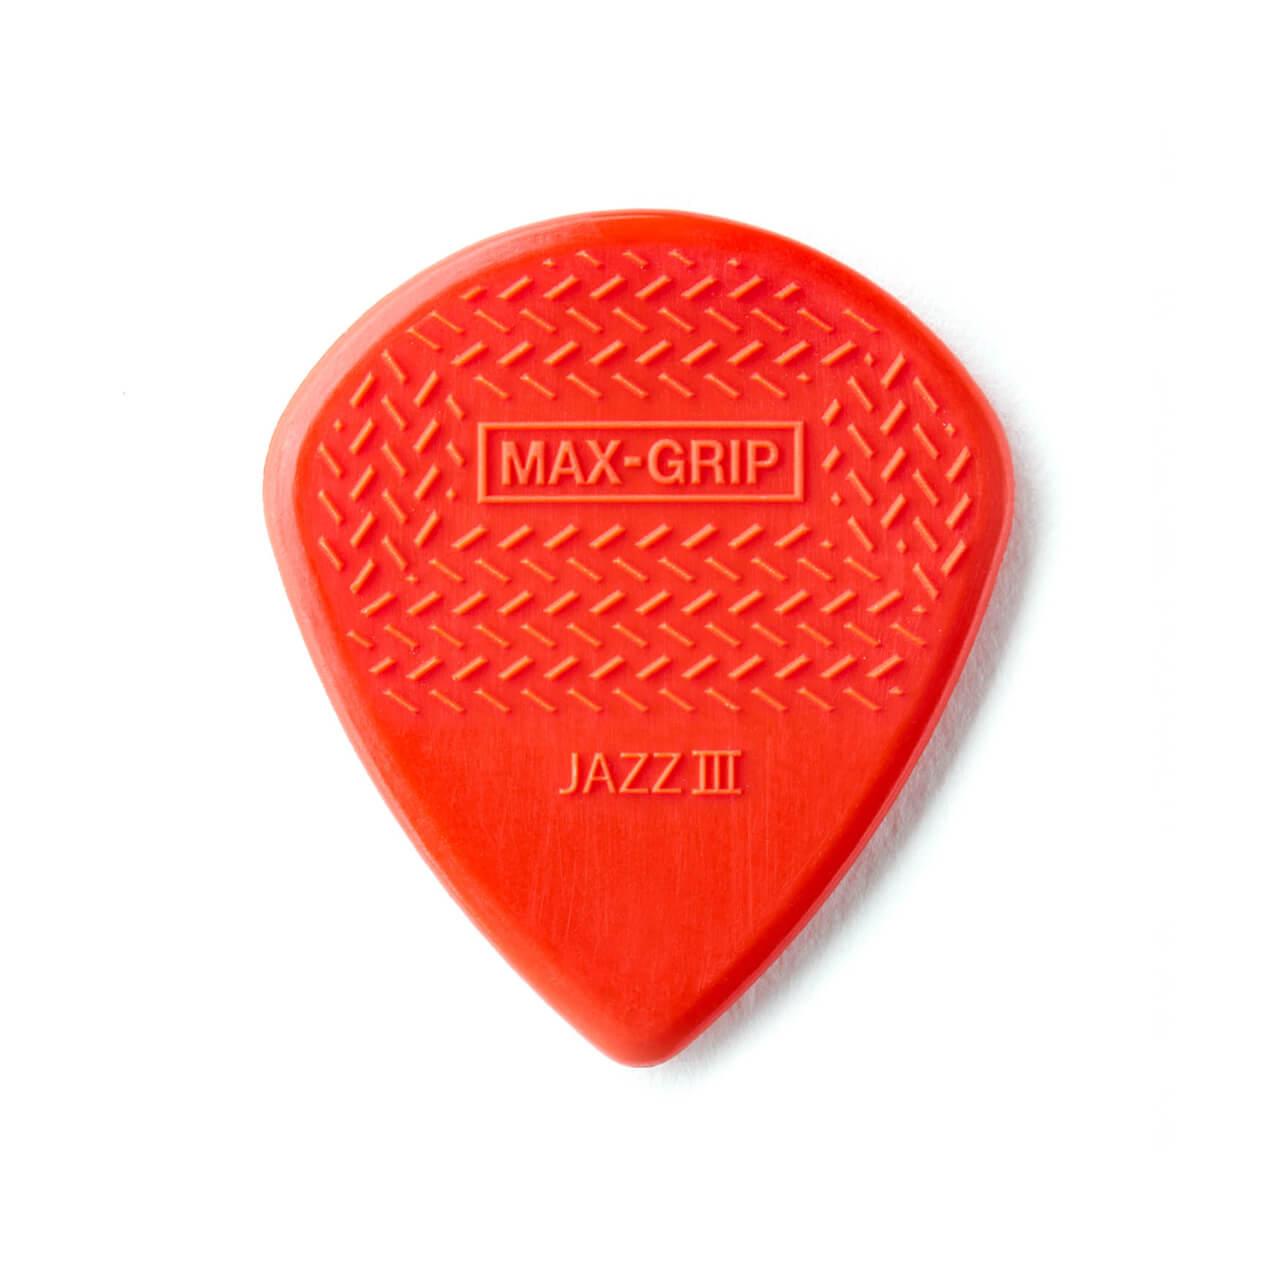 Palheta Maxgrip Nylon Jazz Iii Vermelha Pct C/6 471p3n Dunlop